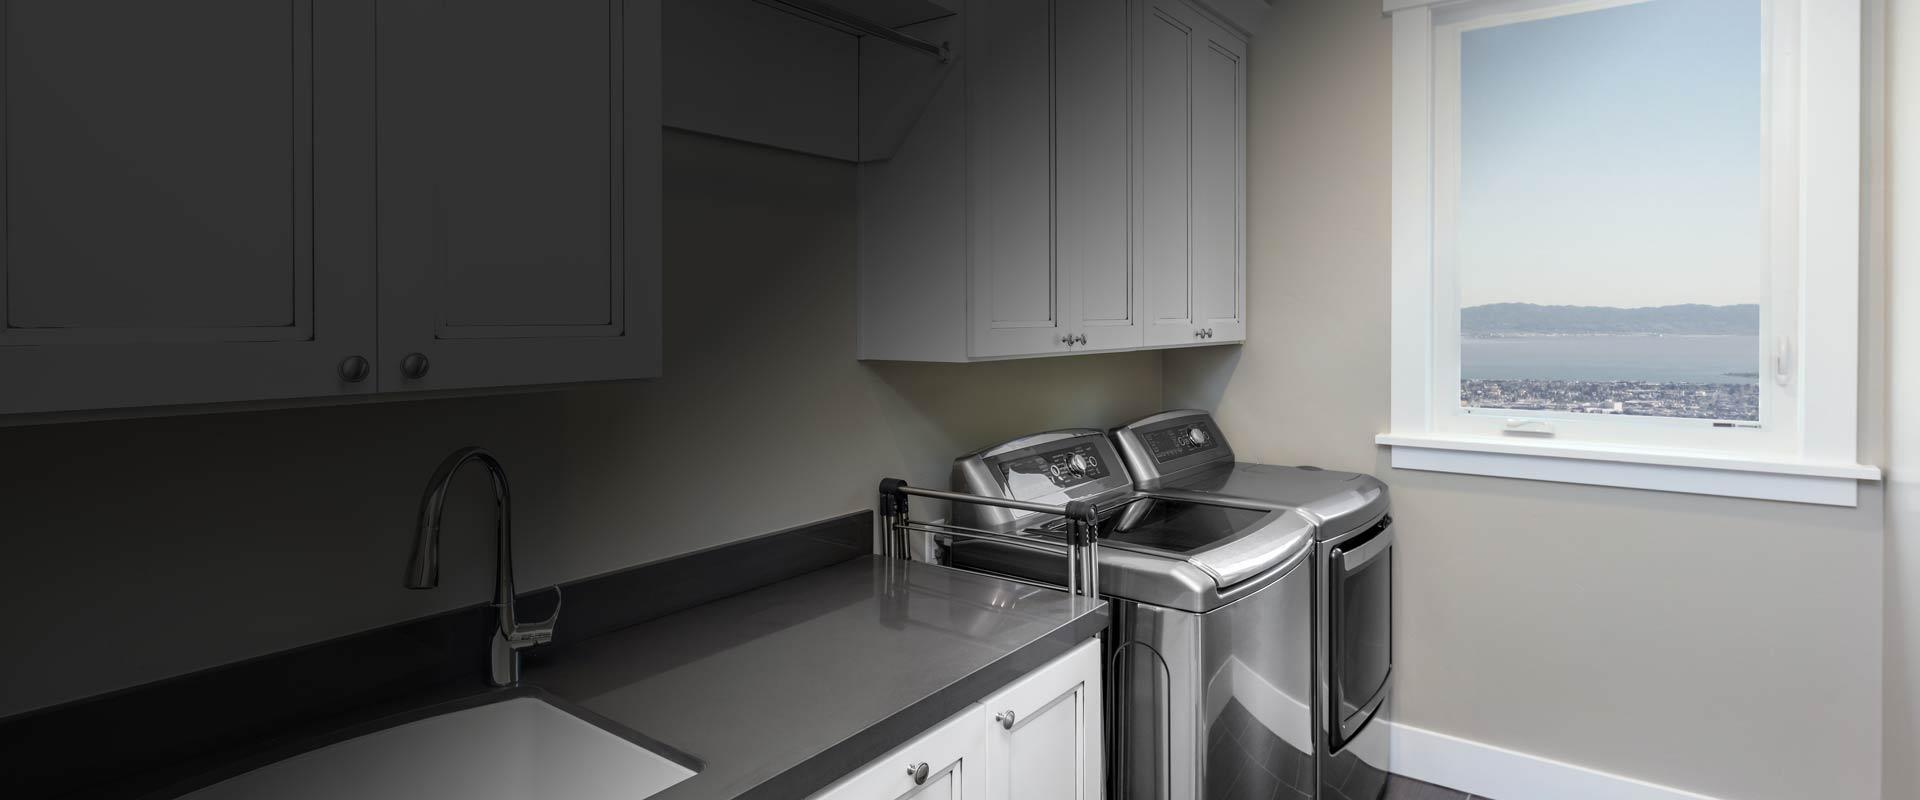 washing machine and dryer repairs